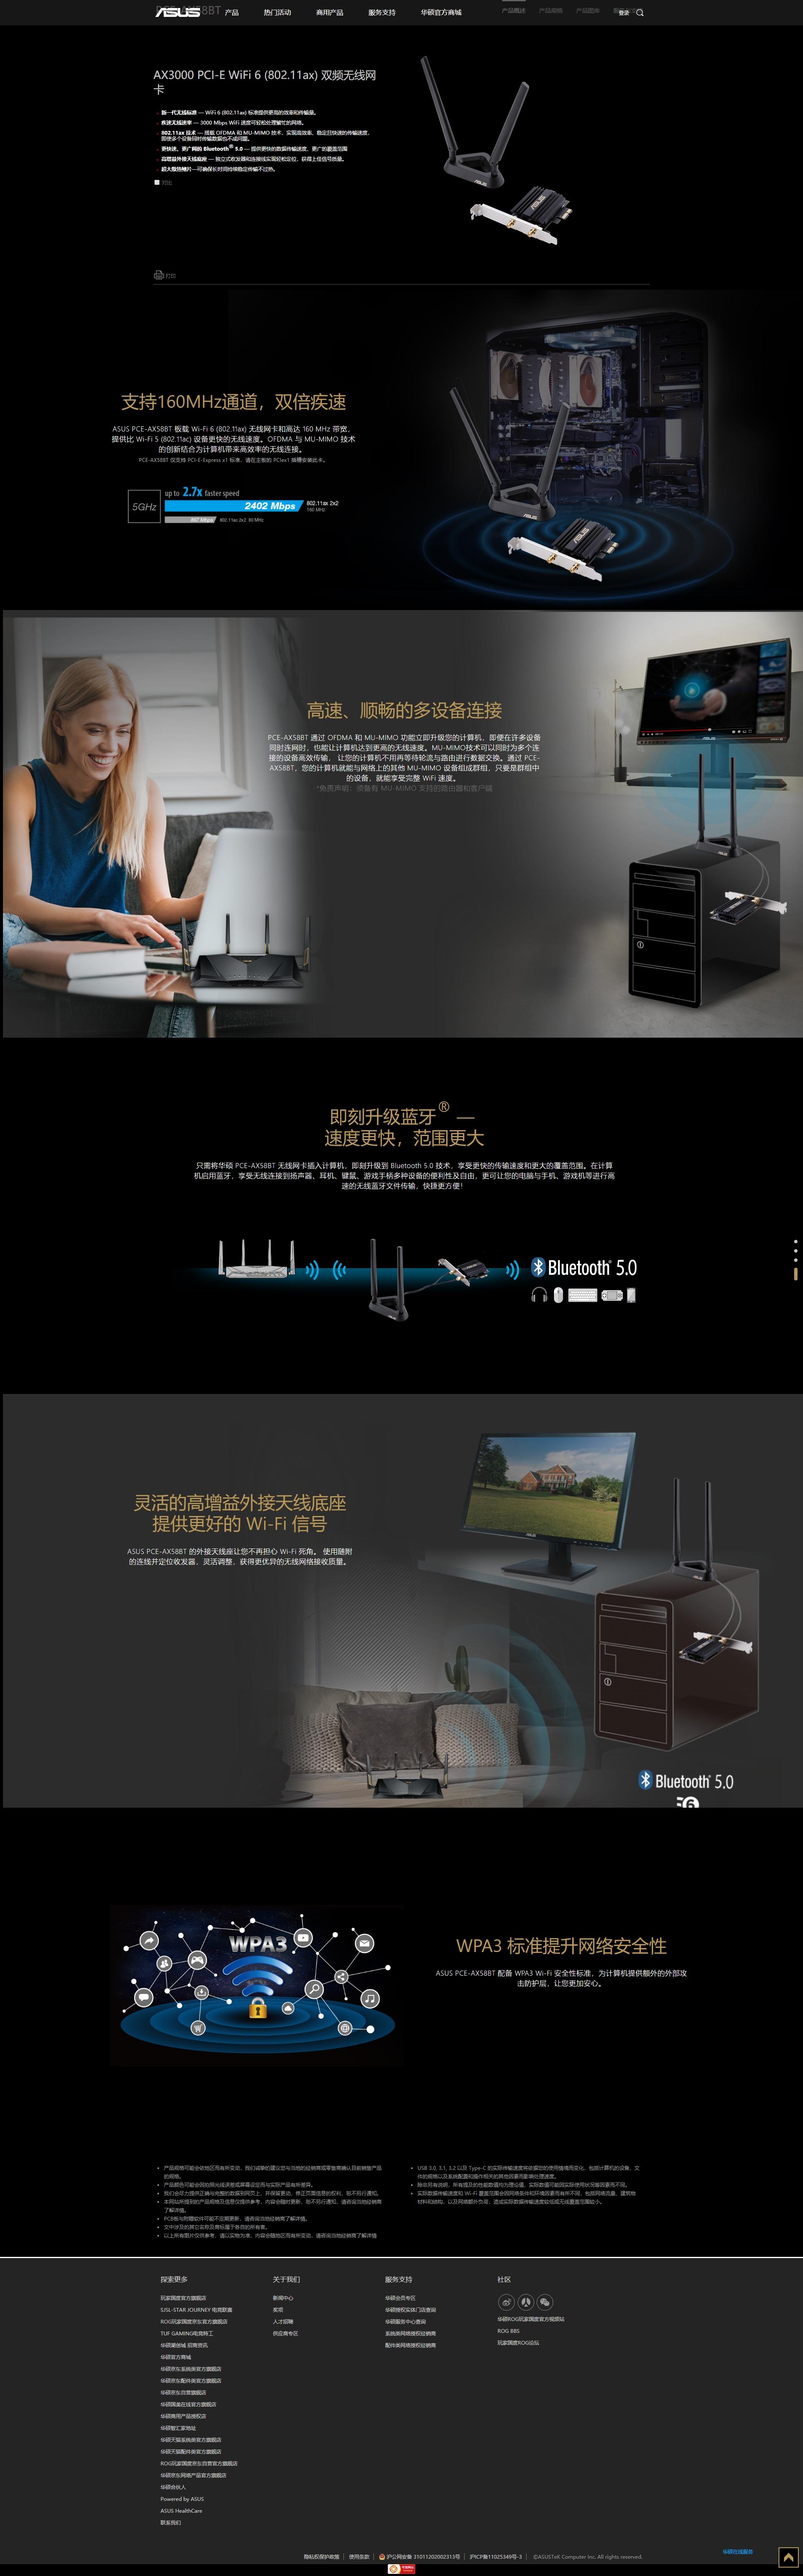 PCE-AX58BT   网络产品   ASUS中国_20191223204109.jpg